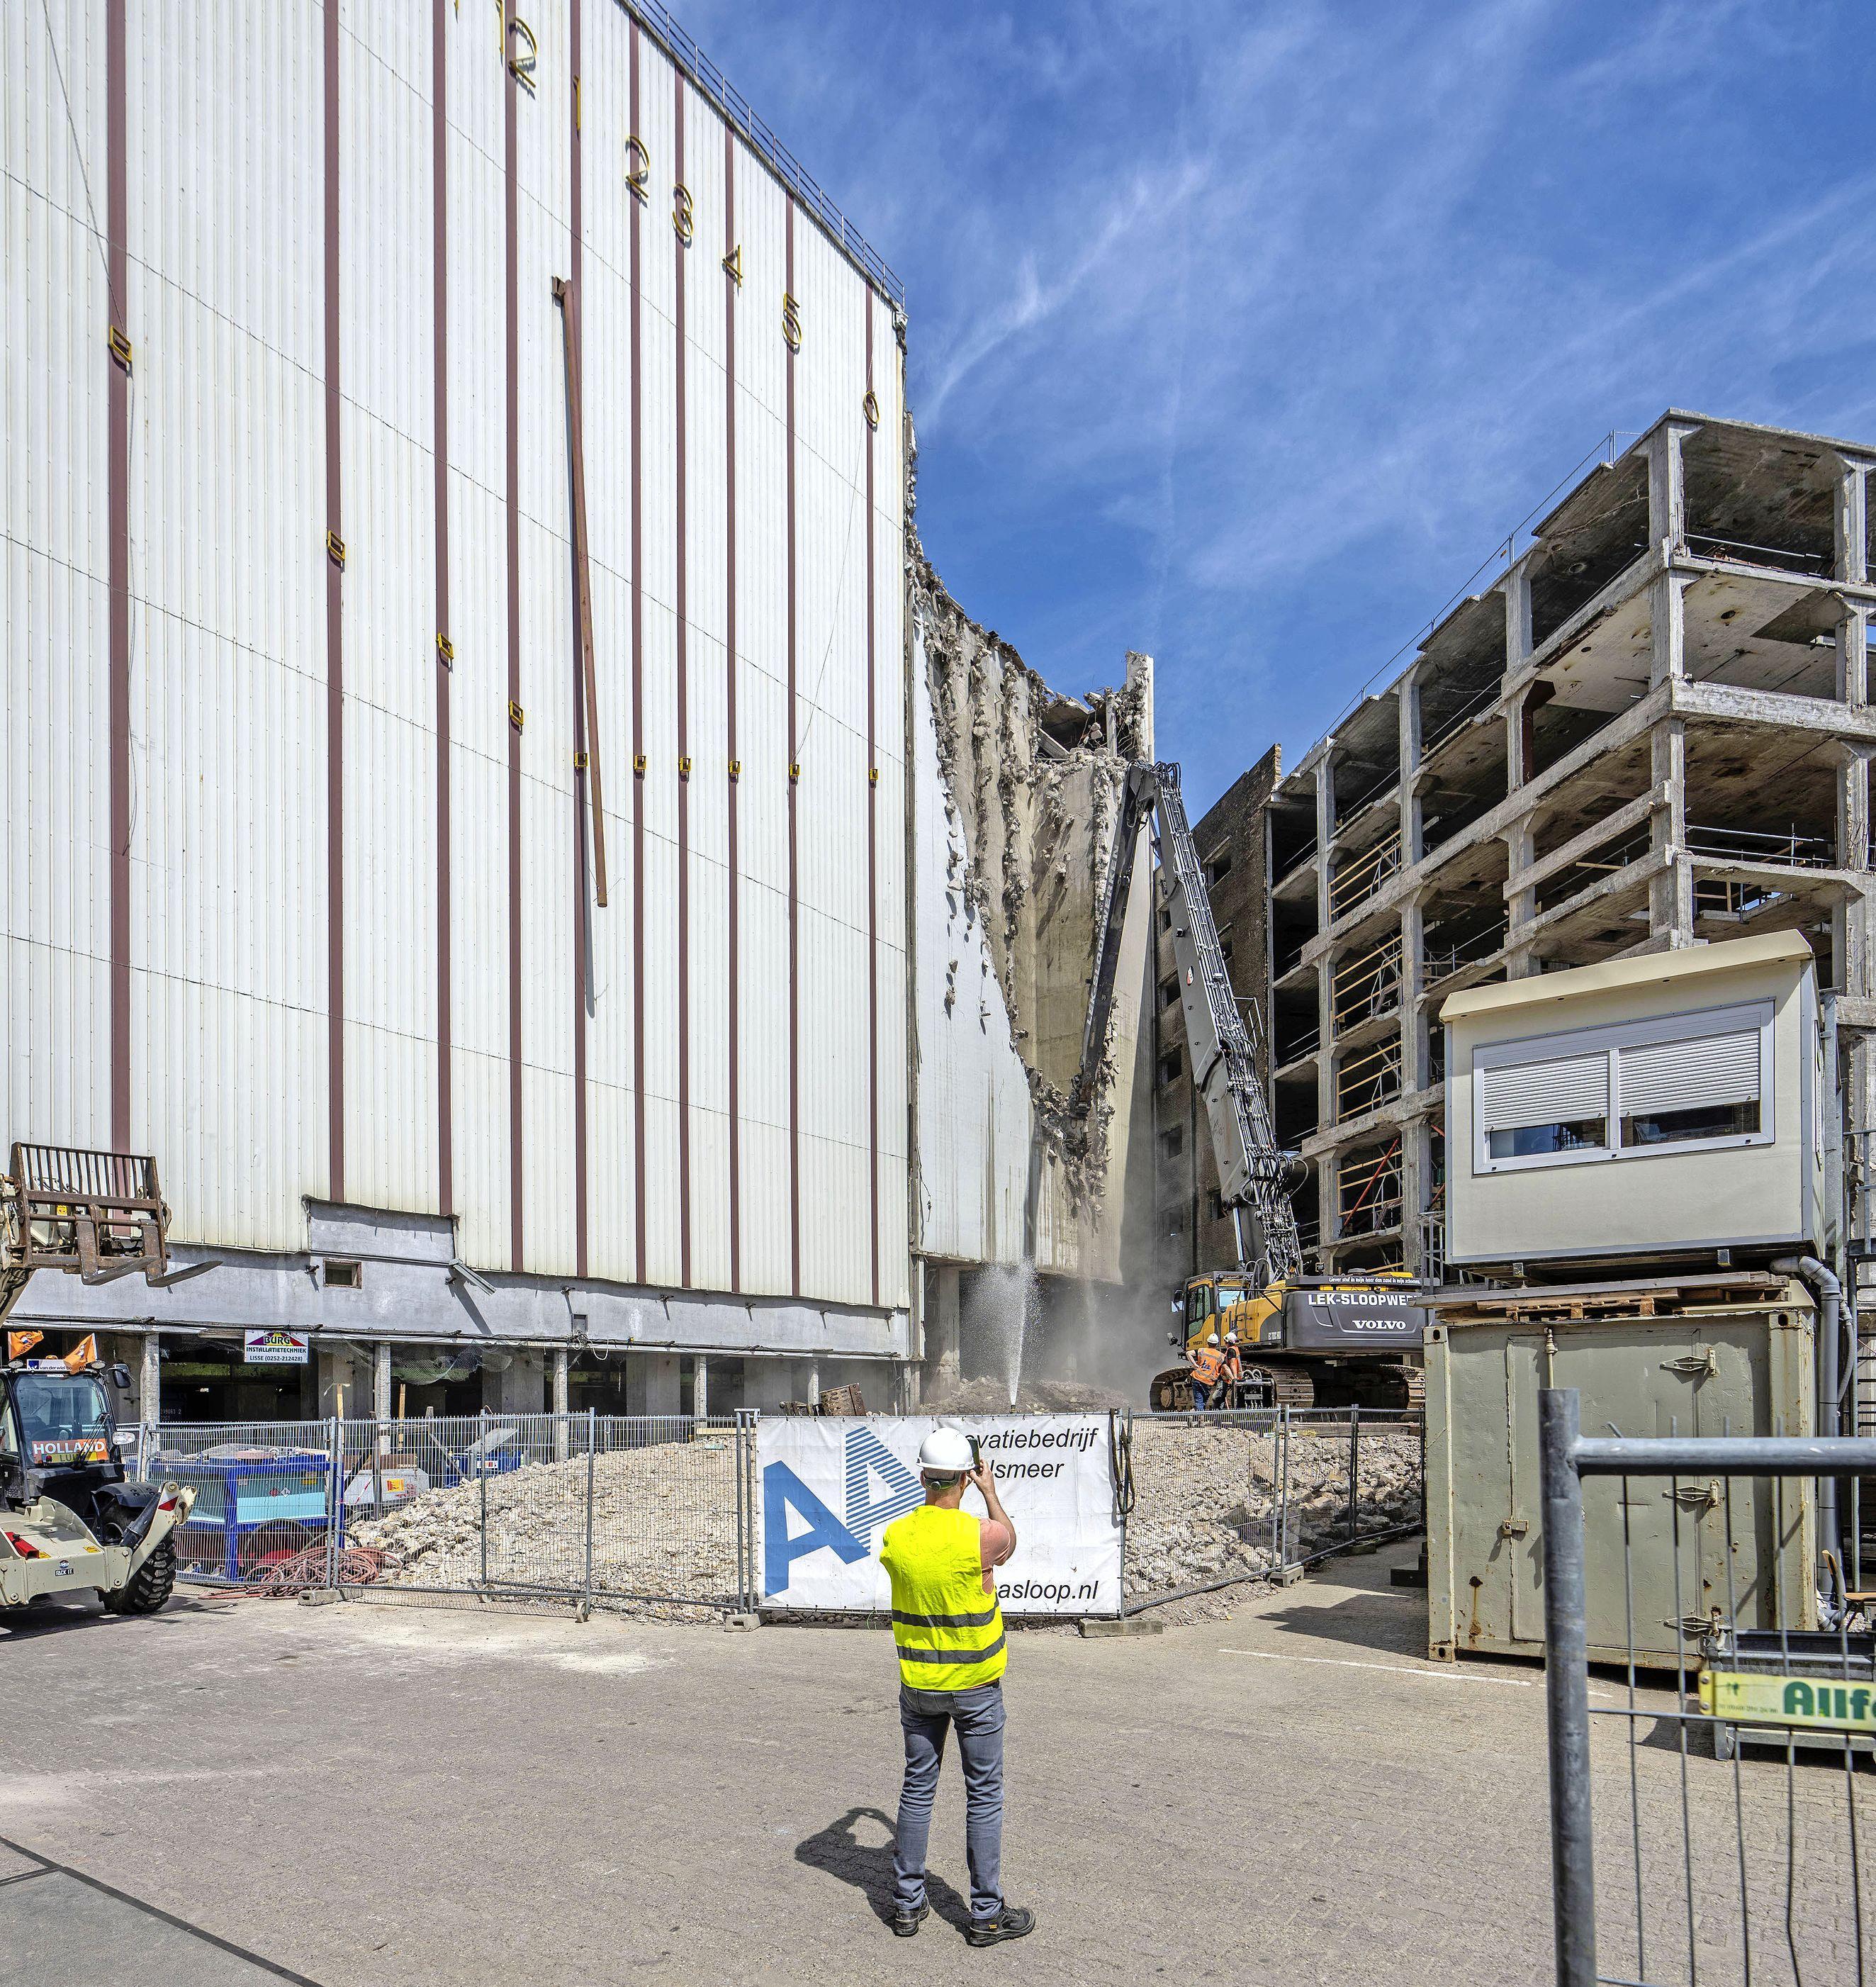 De ooit grootste zonnewijzer van Europa staat in Leiden en wordt ontmanteld [video]